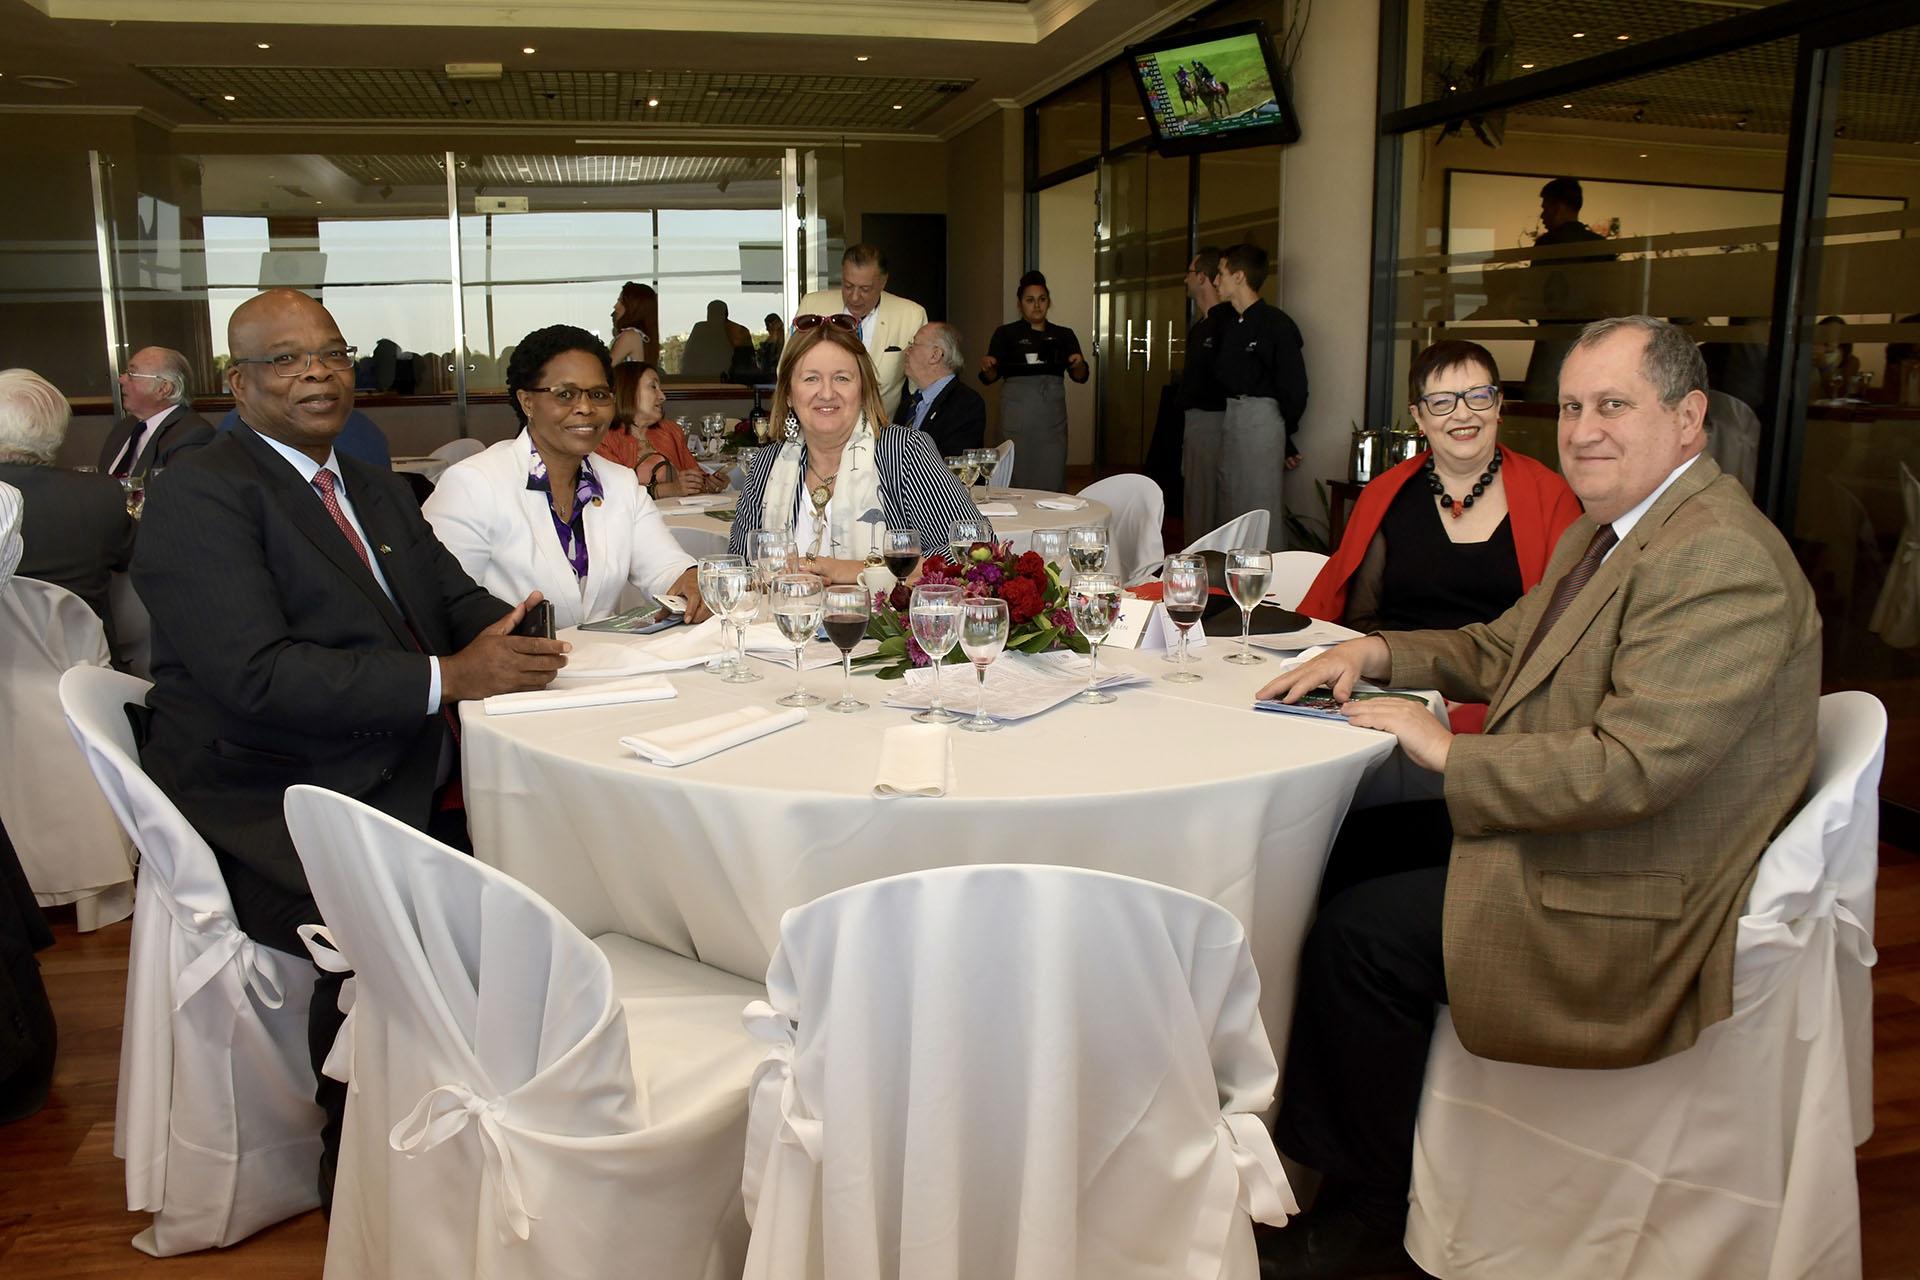 El embajador de Sudáfrica, Phumelele Gwala y Jabu Gwala, Adriana Chalbaud junto a laembajadora de Rumania , Carmen Podgorean junto a su esposo Radu